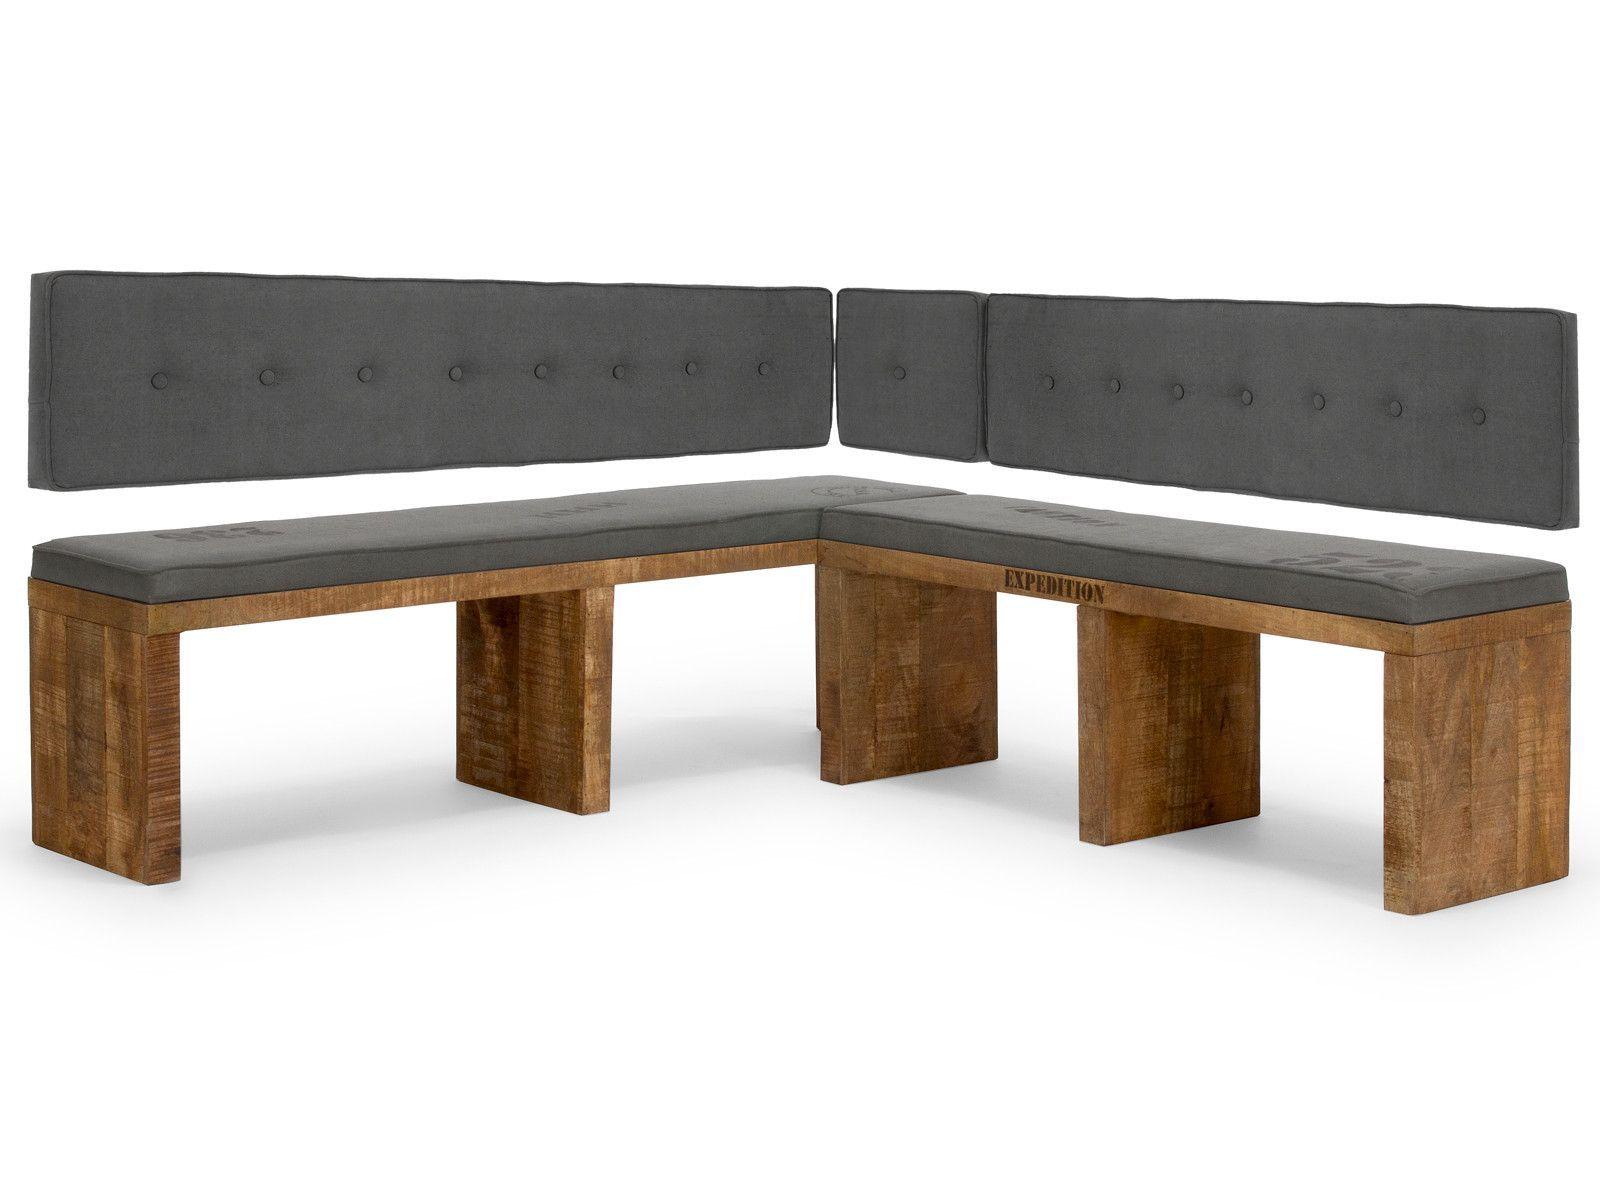 küche bänke modern  Sitzbank küche, Eckbank küche, Eckbank